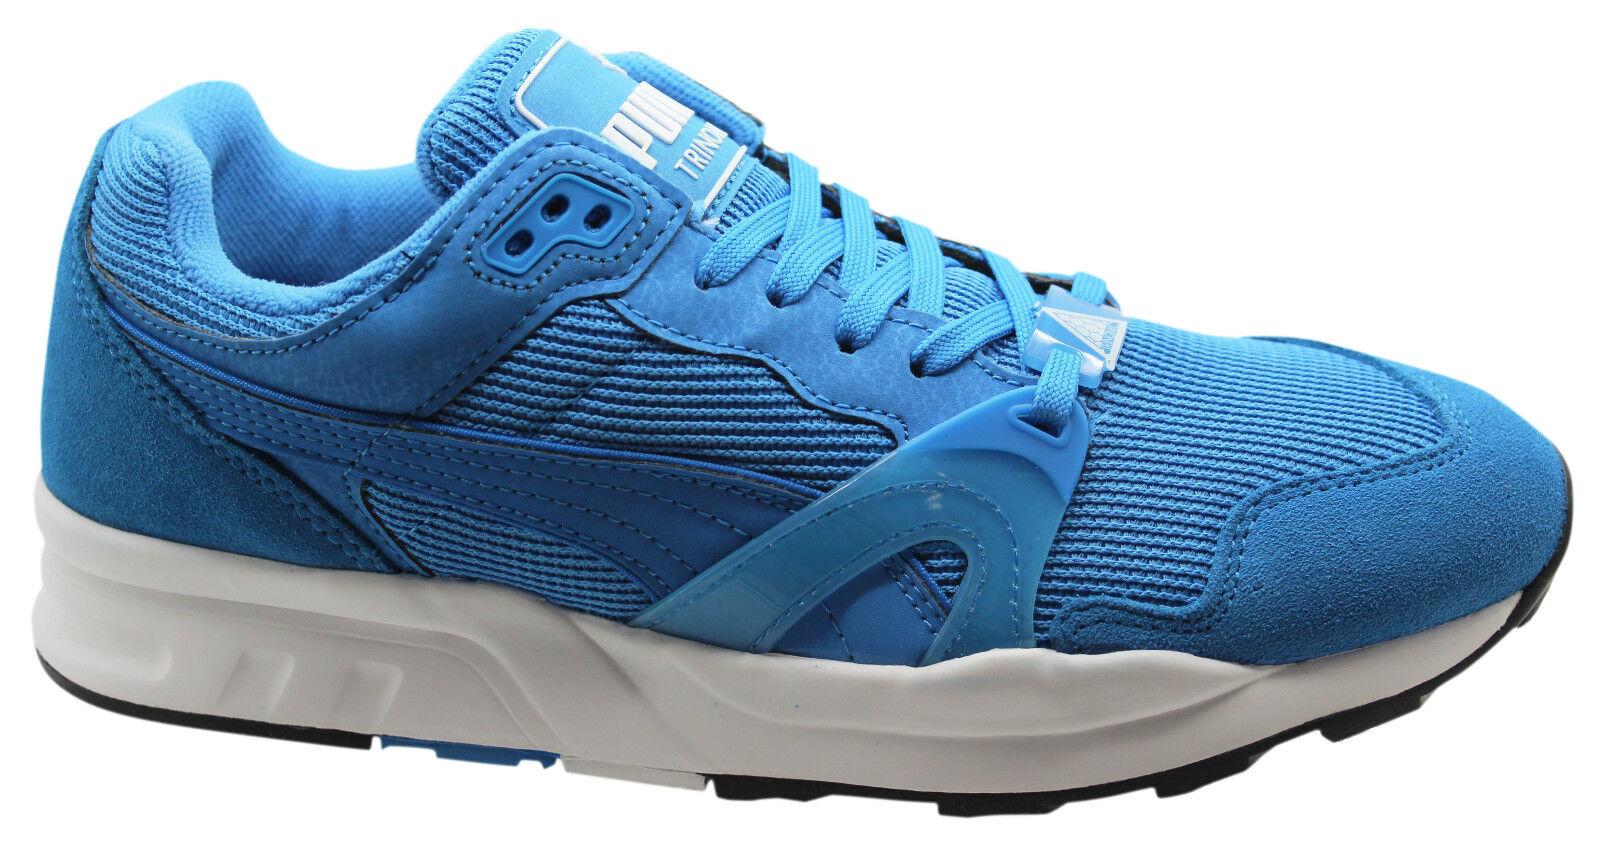 Puma Trinomic XT 1 Unisex Plus Mono Herren Turnschuhe Unisex 1 Schuhe blaue Spitze 359413 88e754